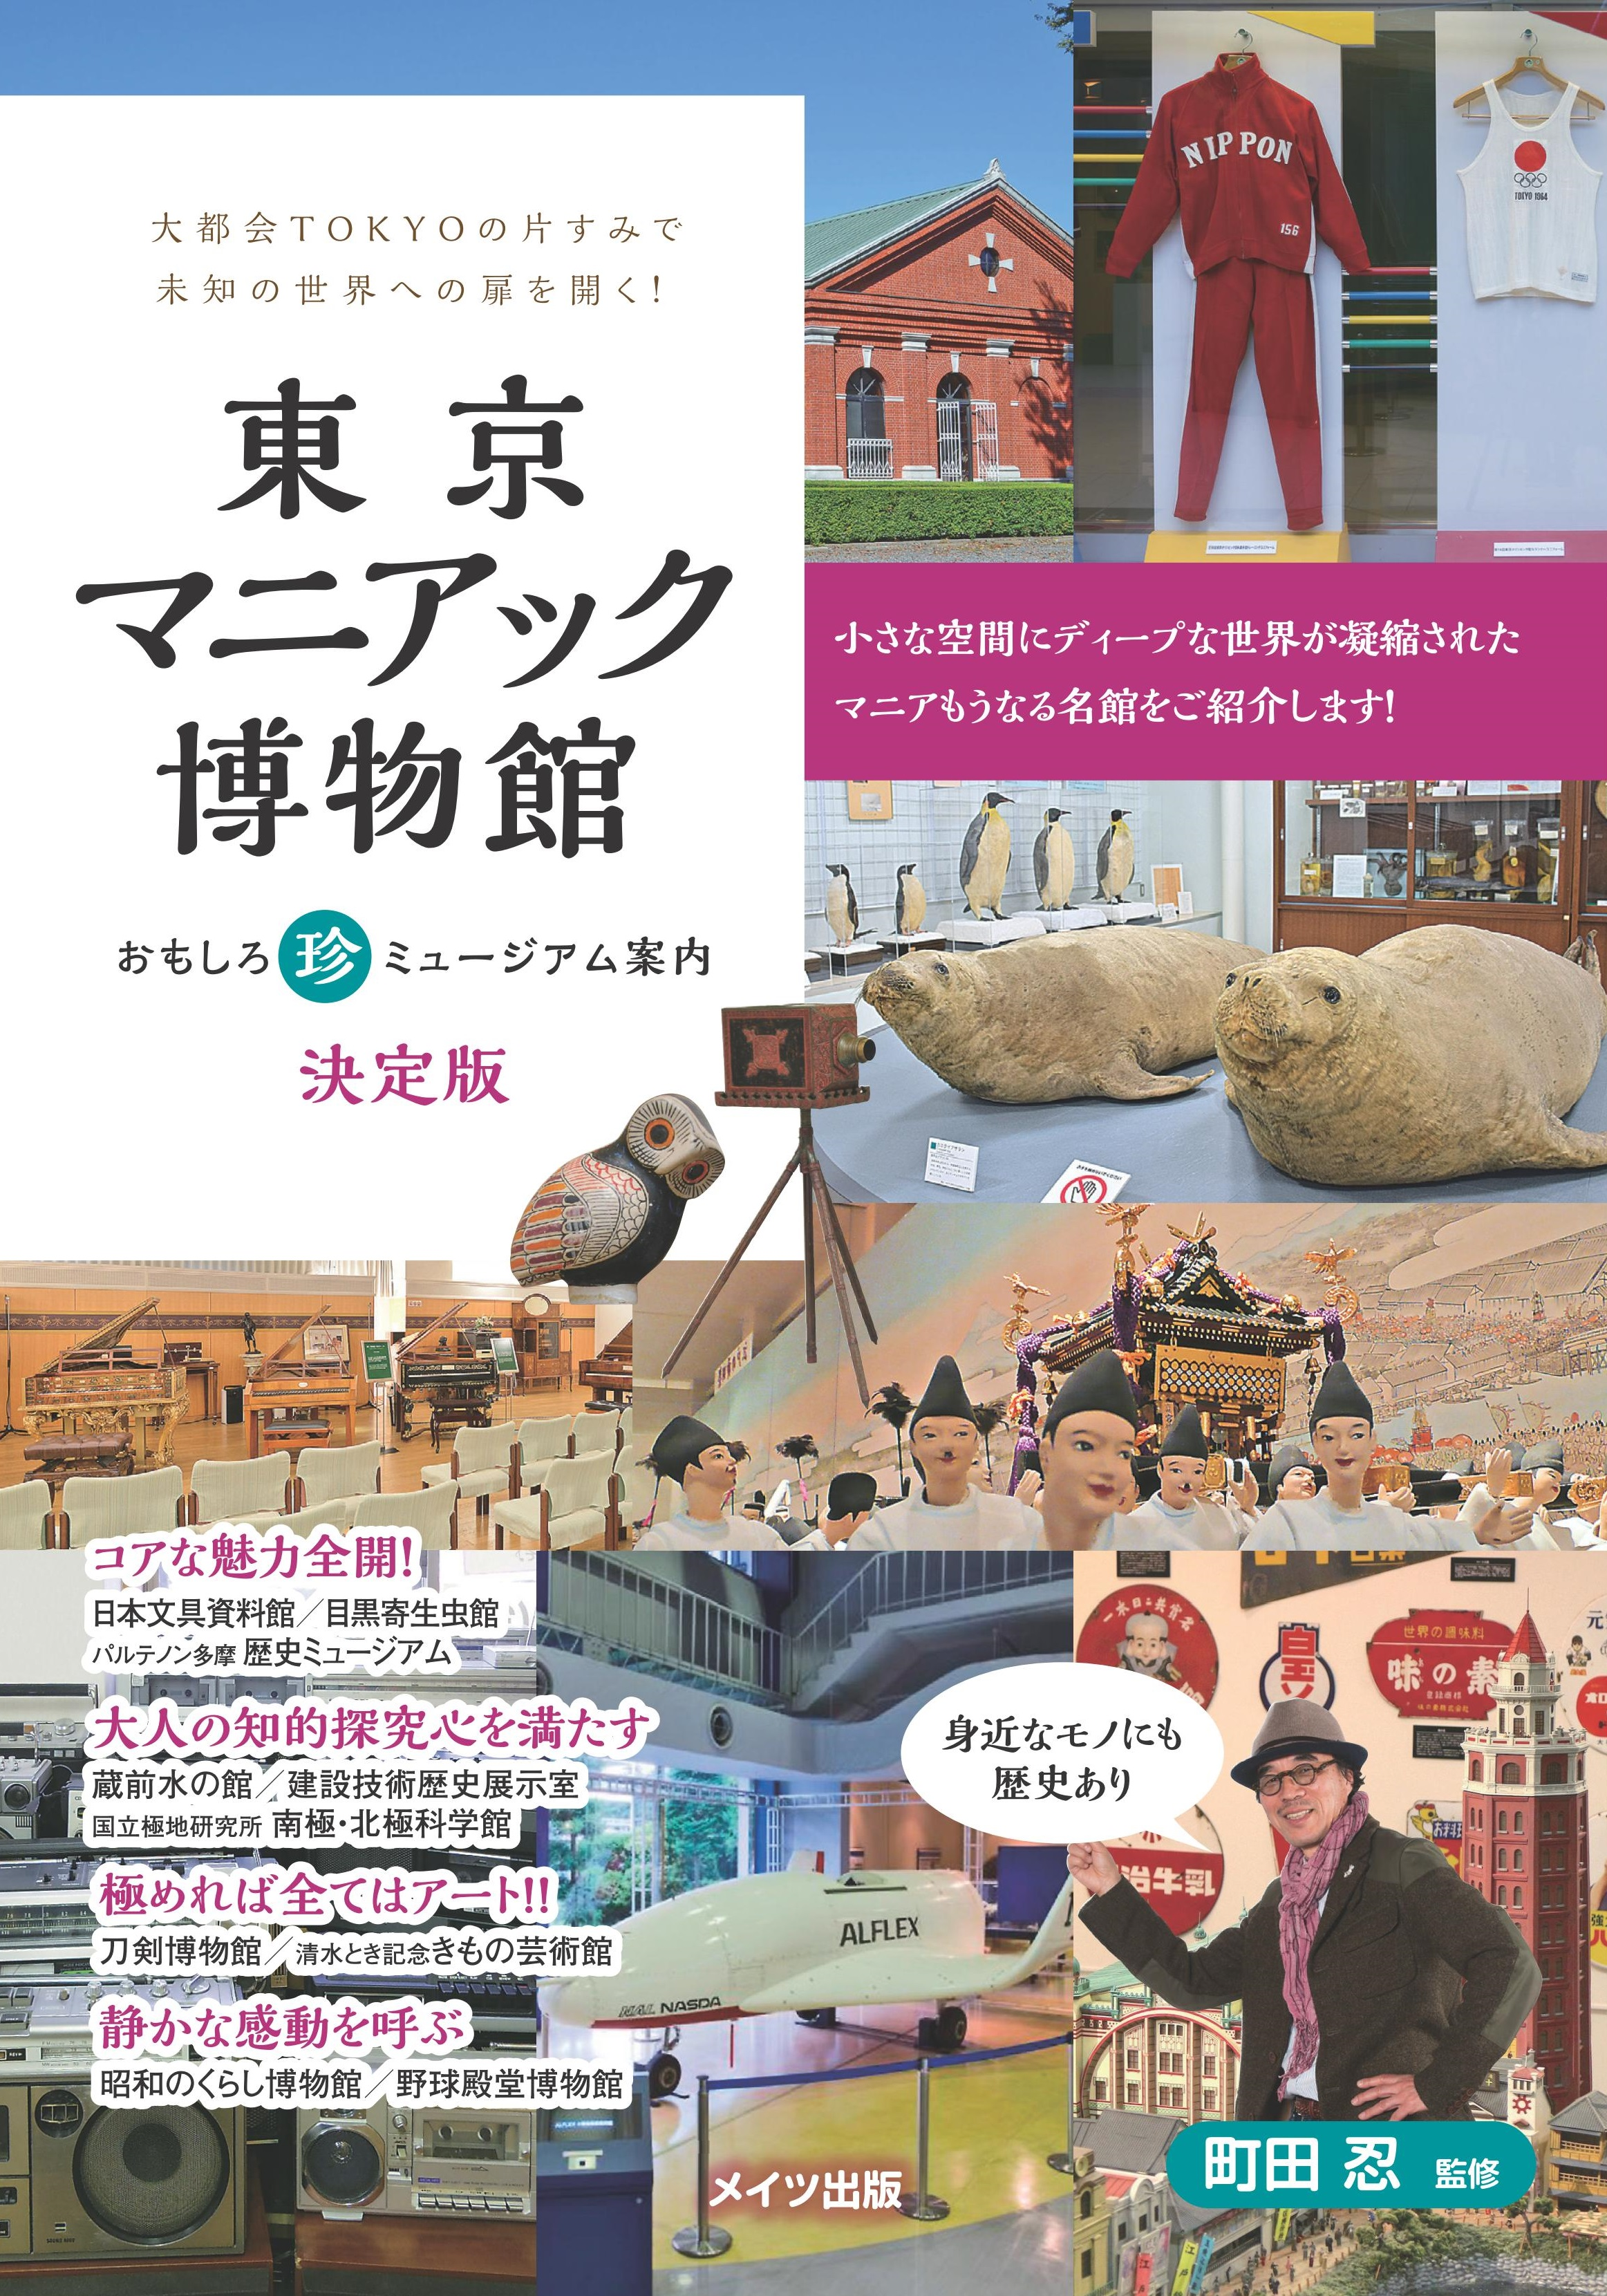 東京マニアック博物館 おもしろ珍ミュージアム案内 決定版